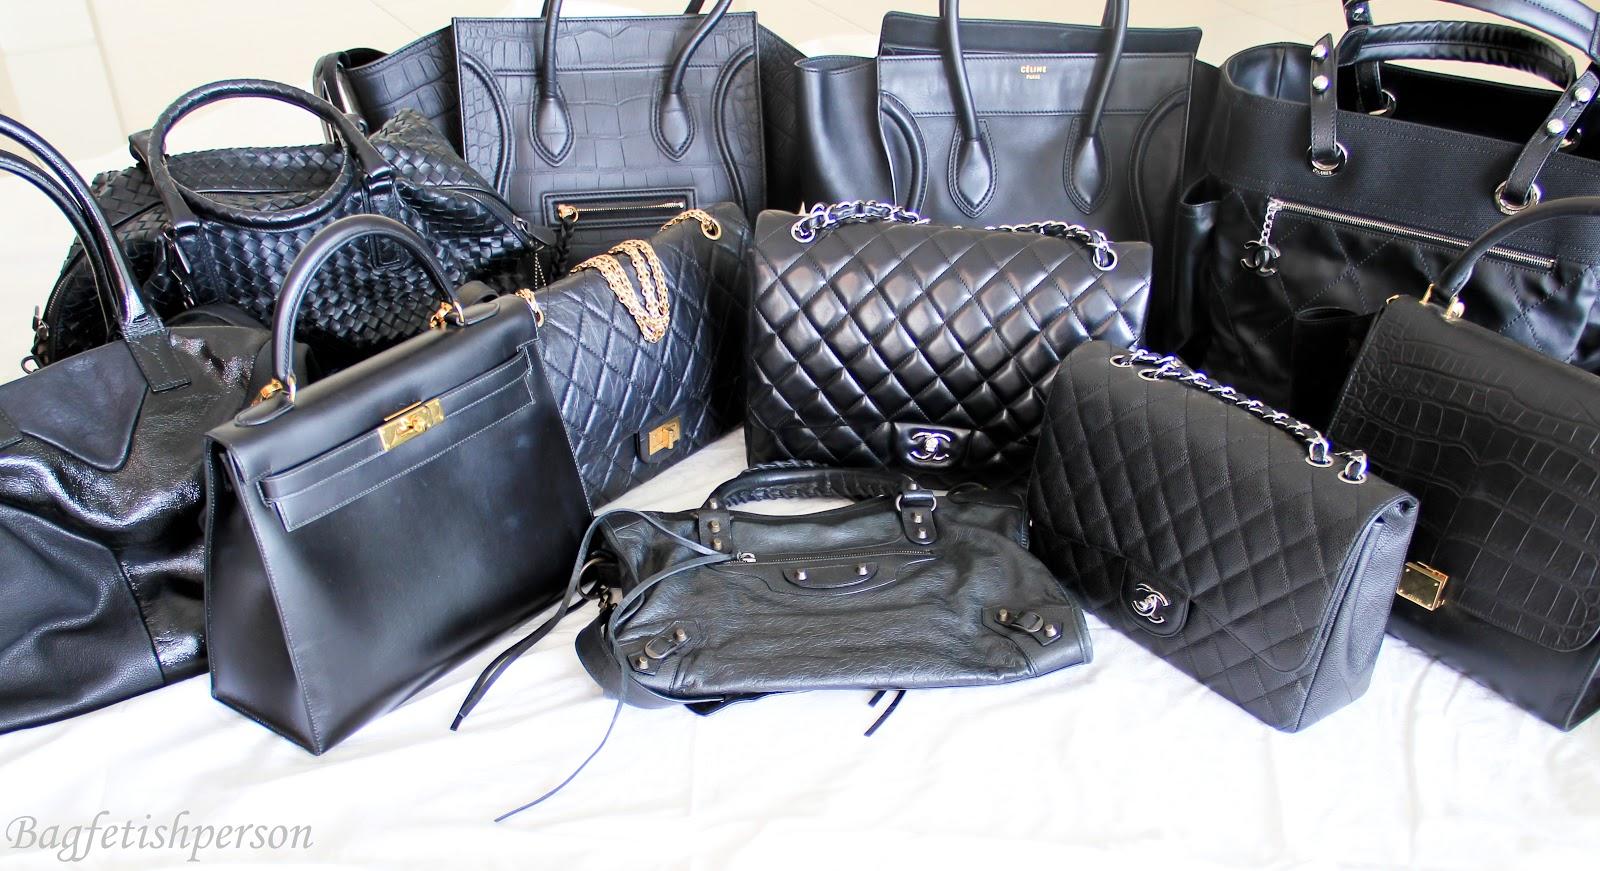 http://4.bp.blogspot.com/-DKjnMY1Hfdg/UQSW0CDNdoI/AAAAAAAAGjU/A-IOSp-tvvk/s1600/Black+bags+31Dec12+(9)-6b.jpg